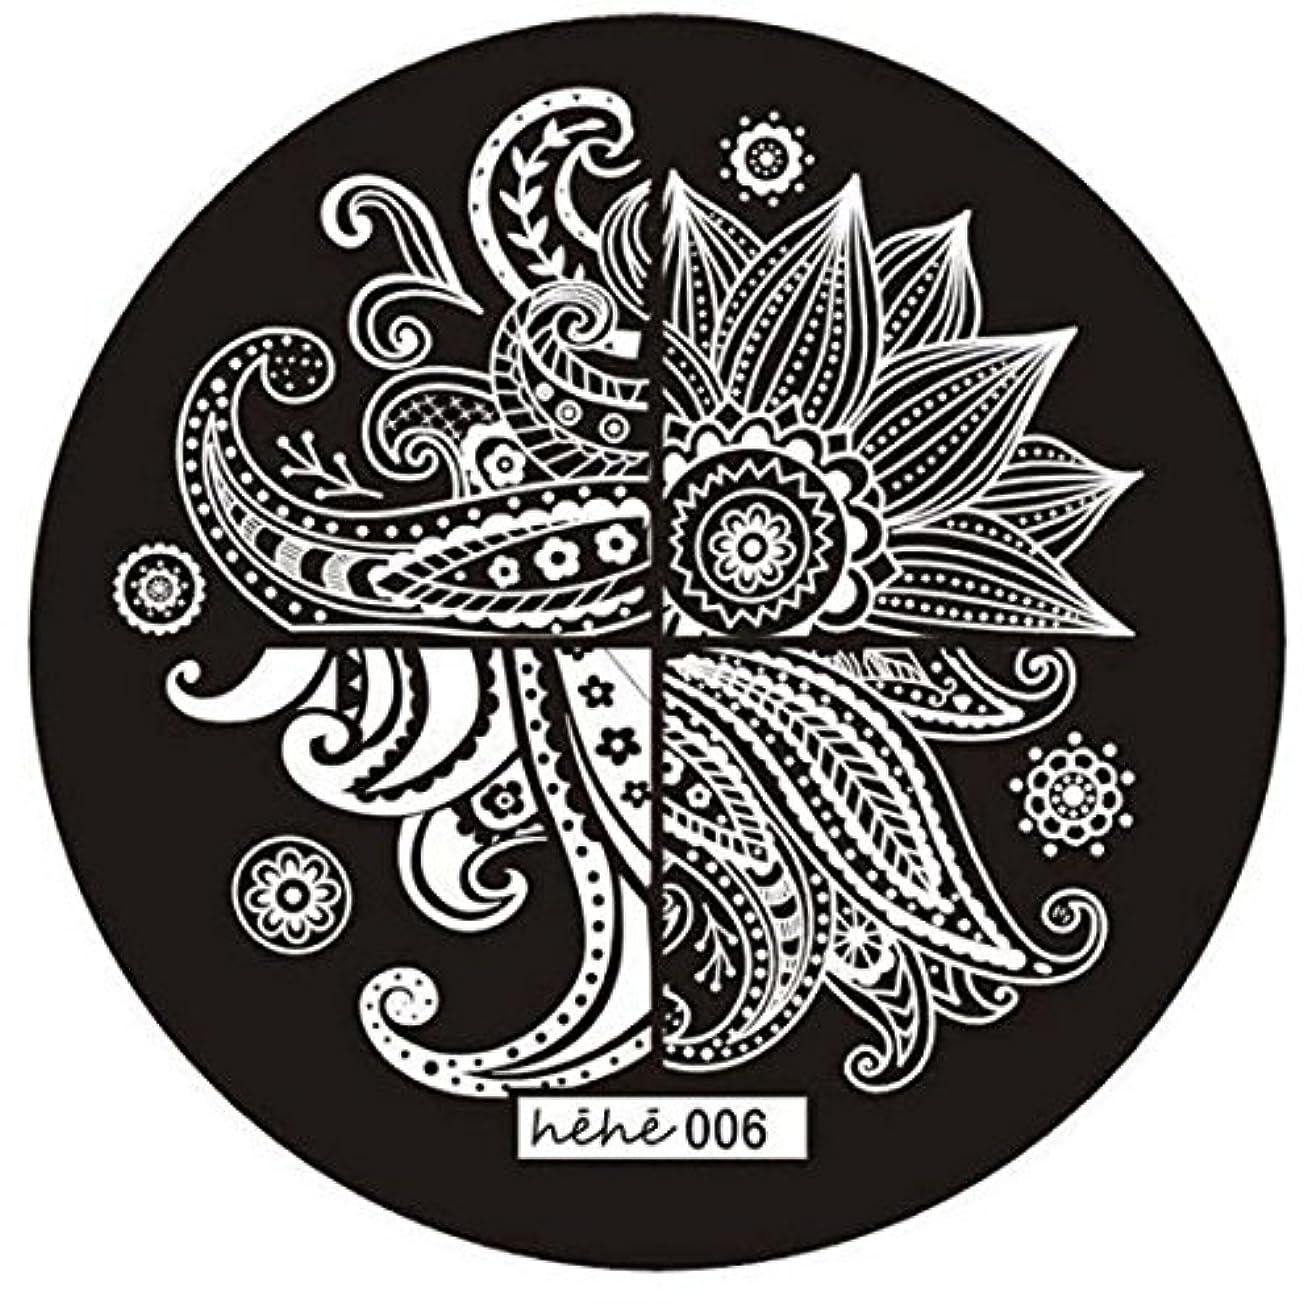 わな鎮痛剤不規則なRETYLY 女の子のネイルアートパターンのイメージスタンプ プレートテンプレートマニキュア006